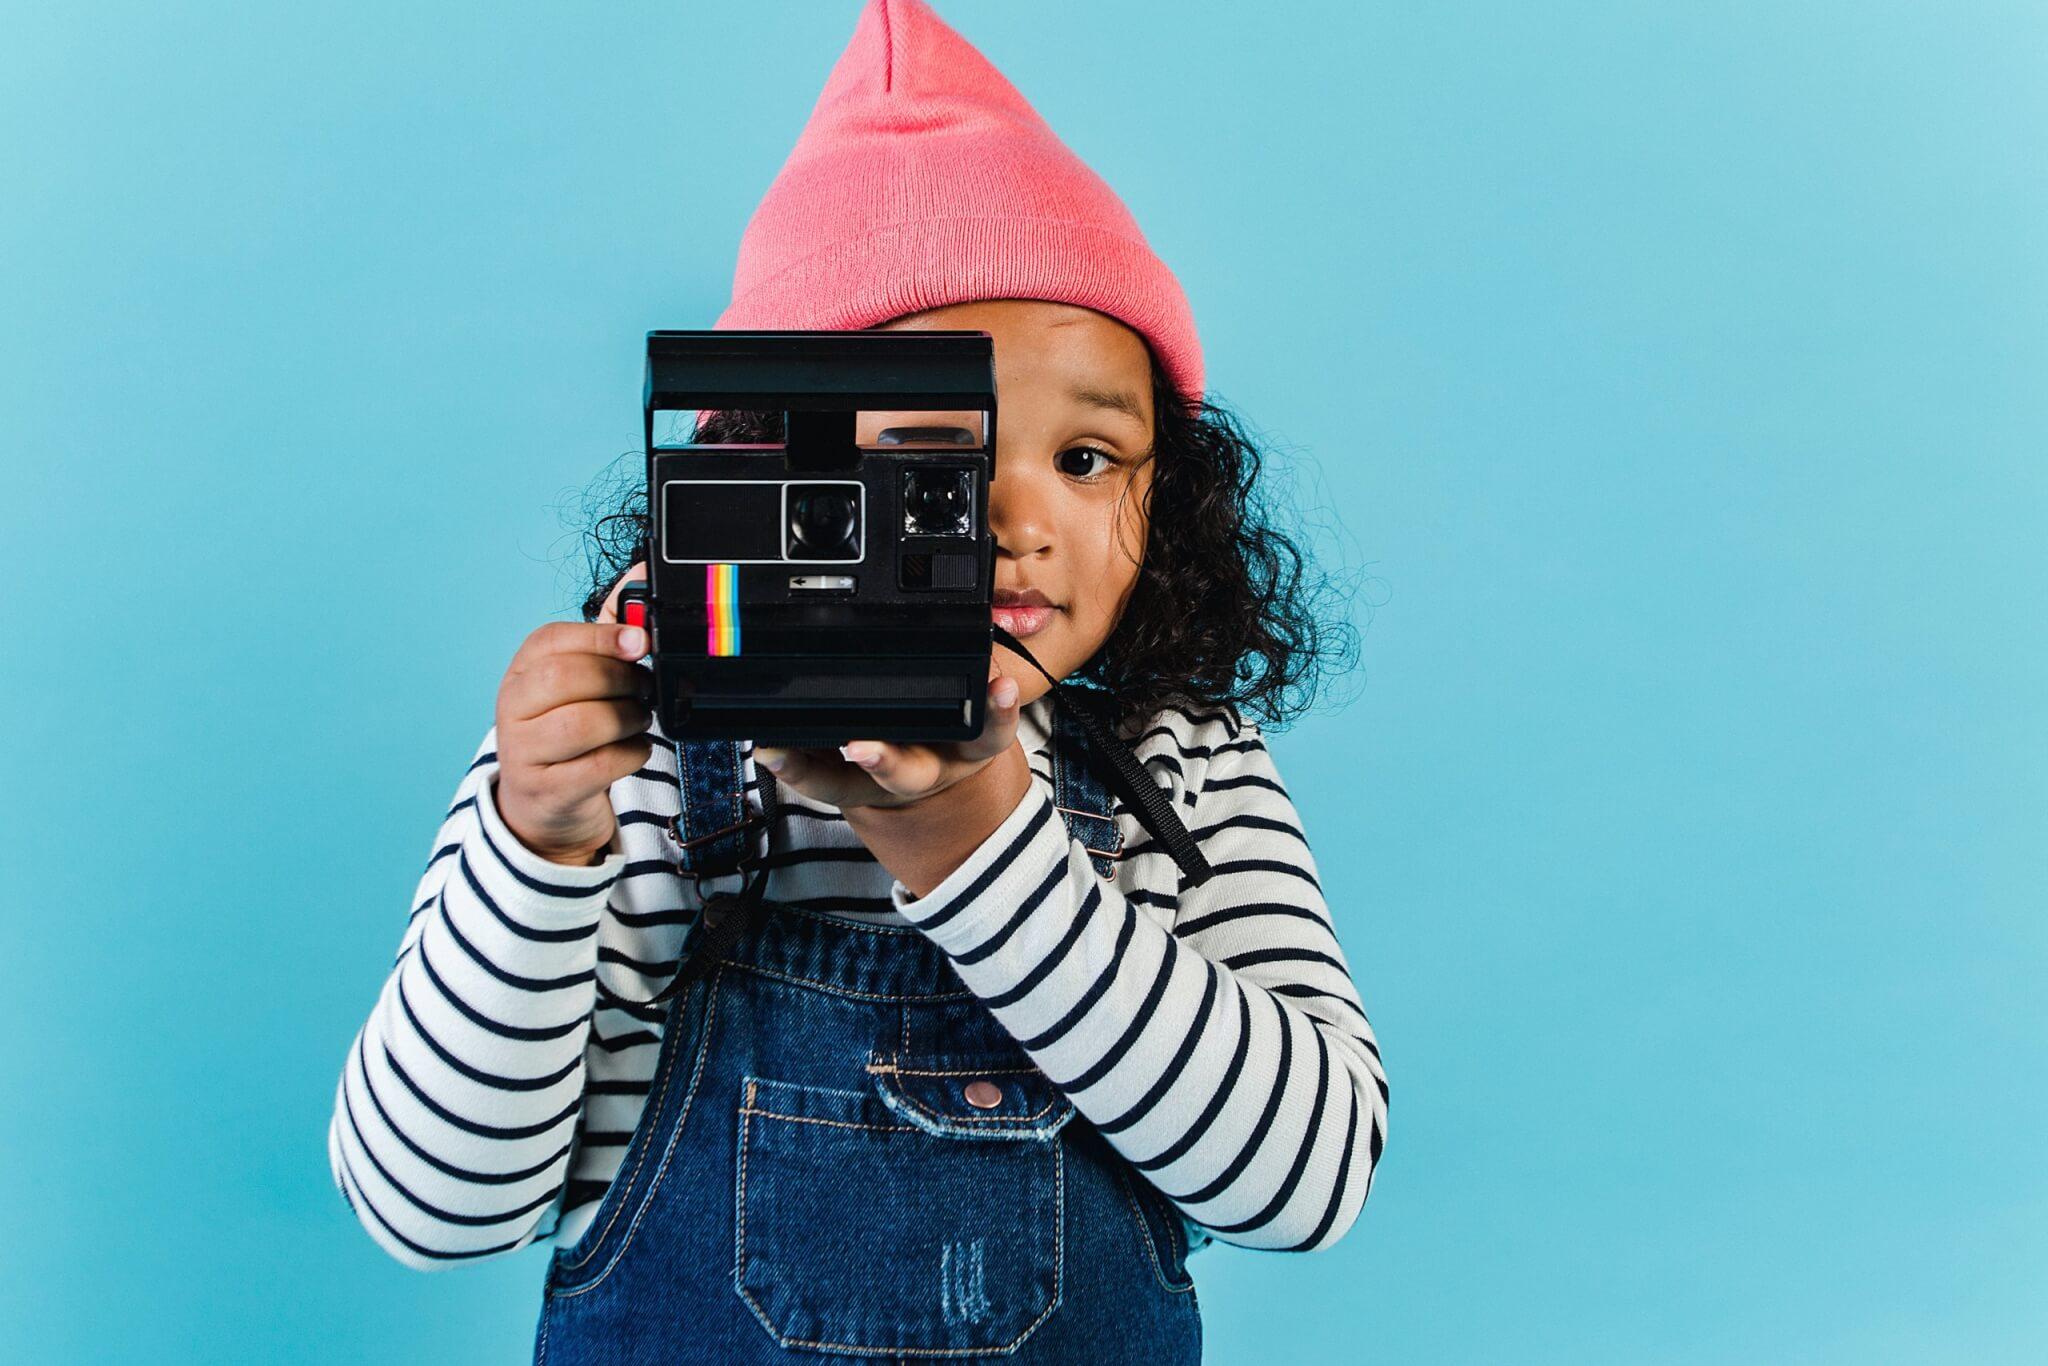 Fillette utilise un appareil photo